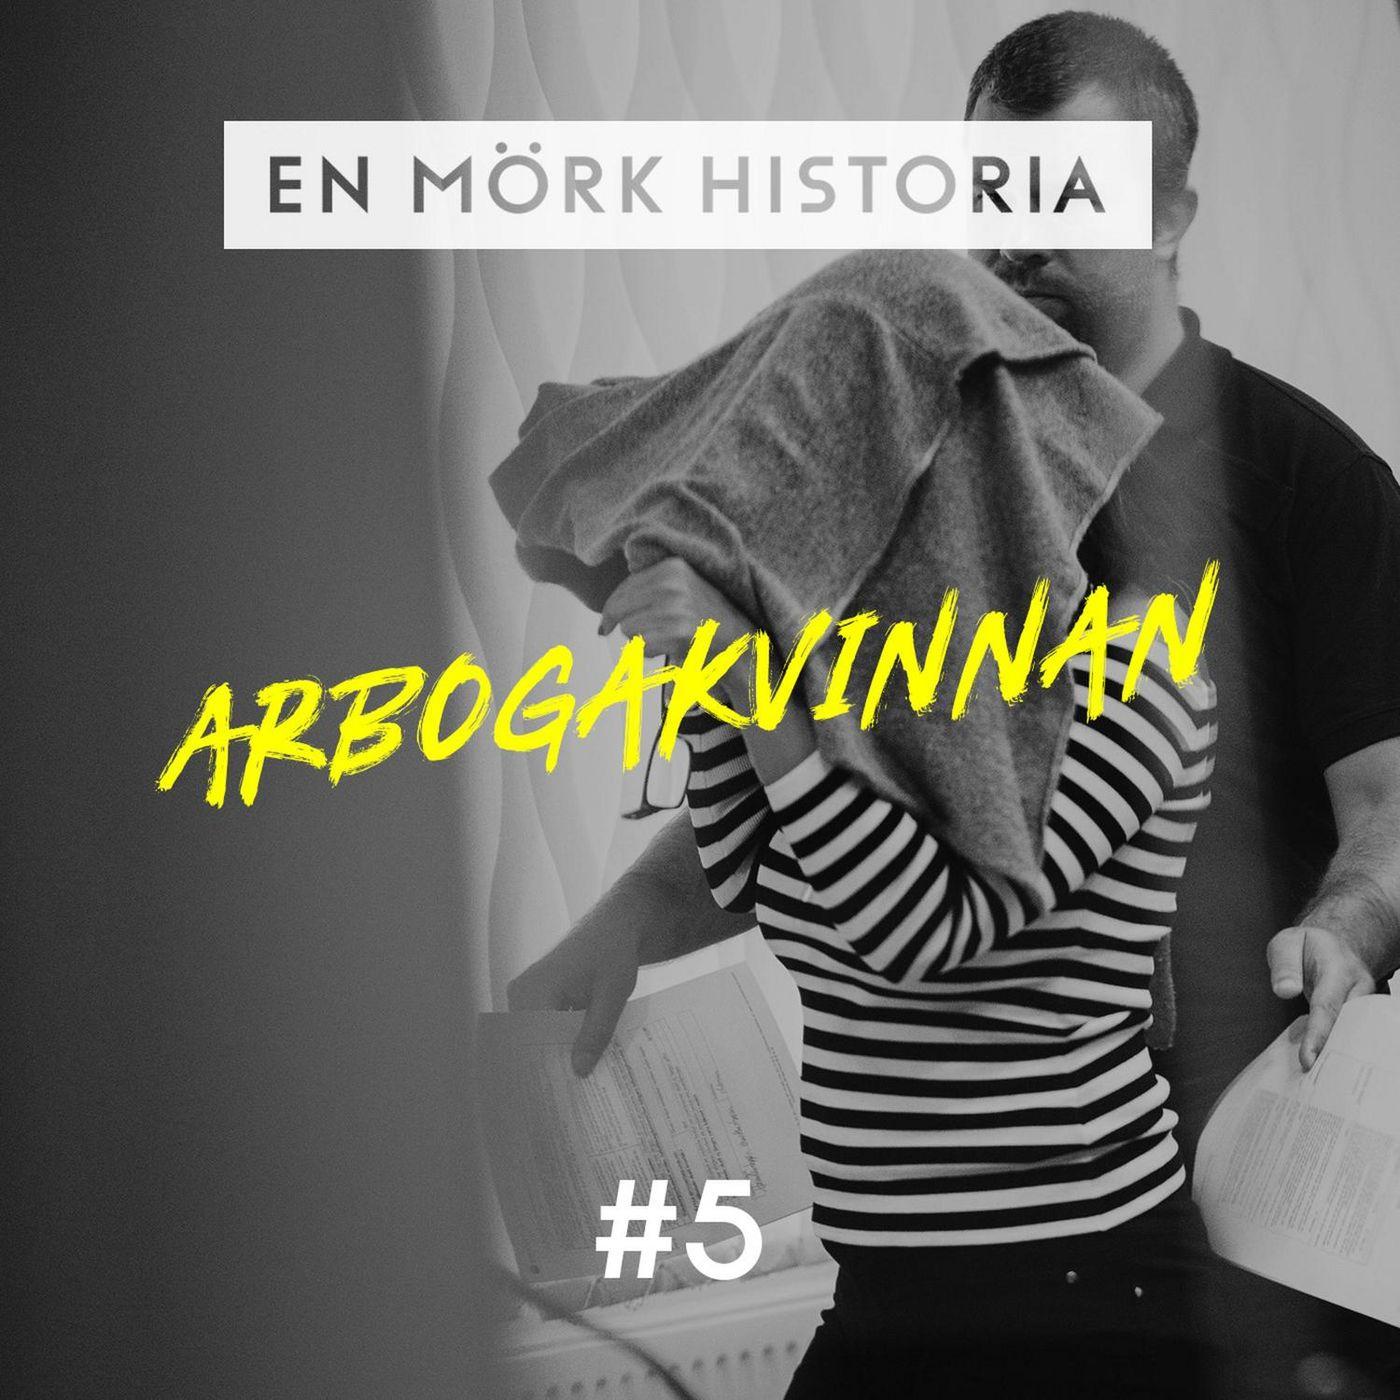 Trailer - Arbogakvinnan